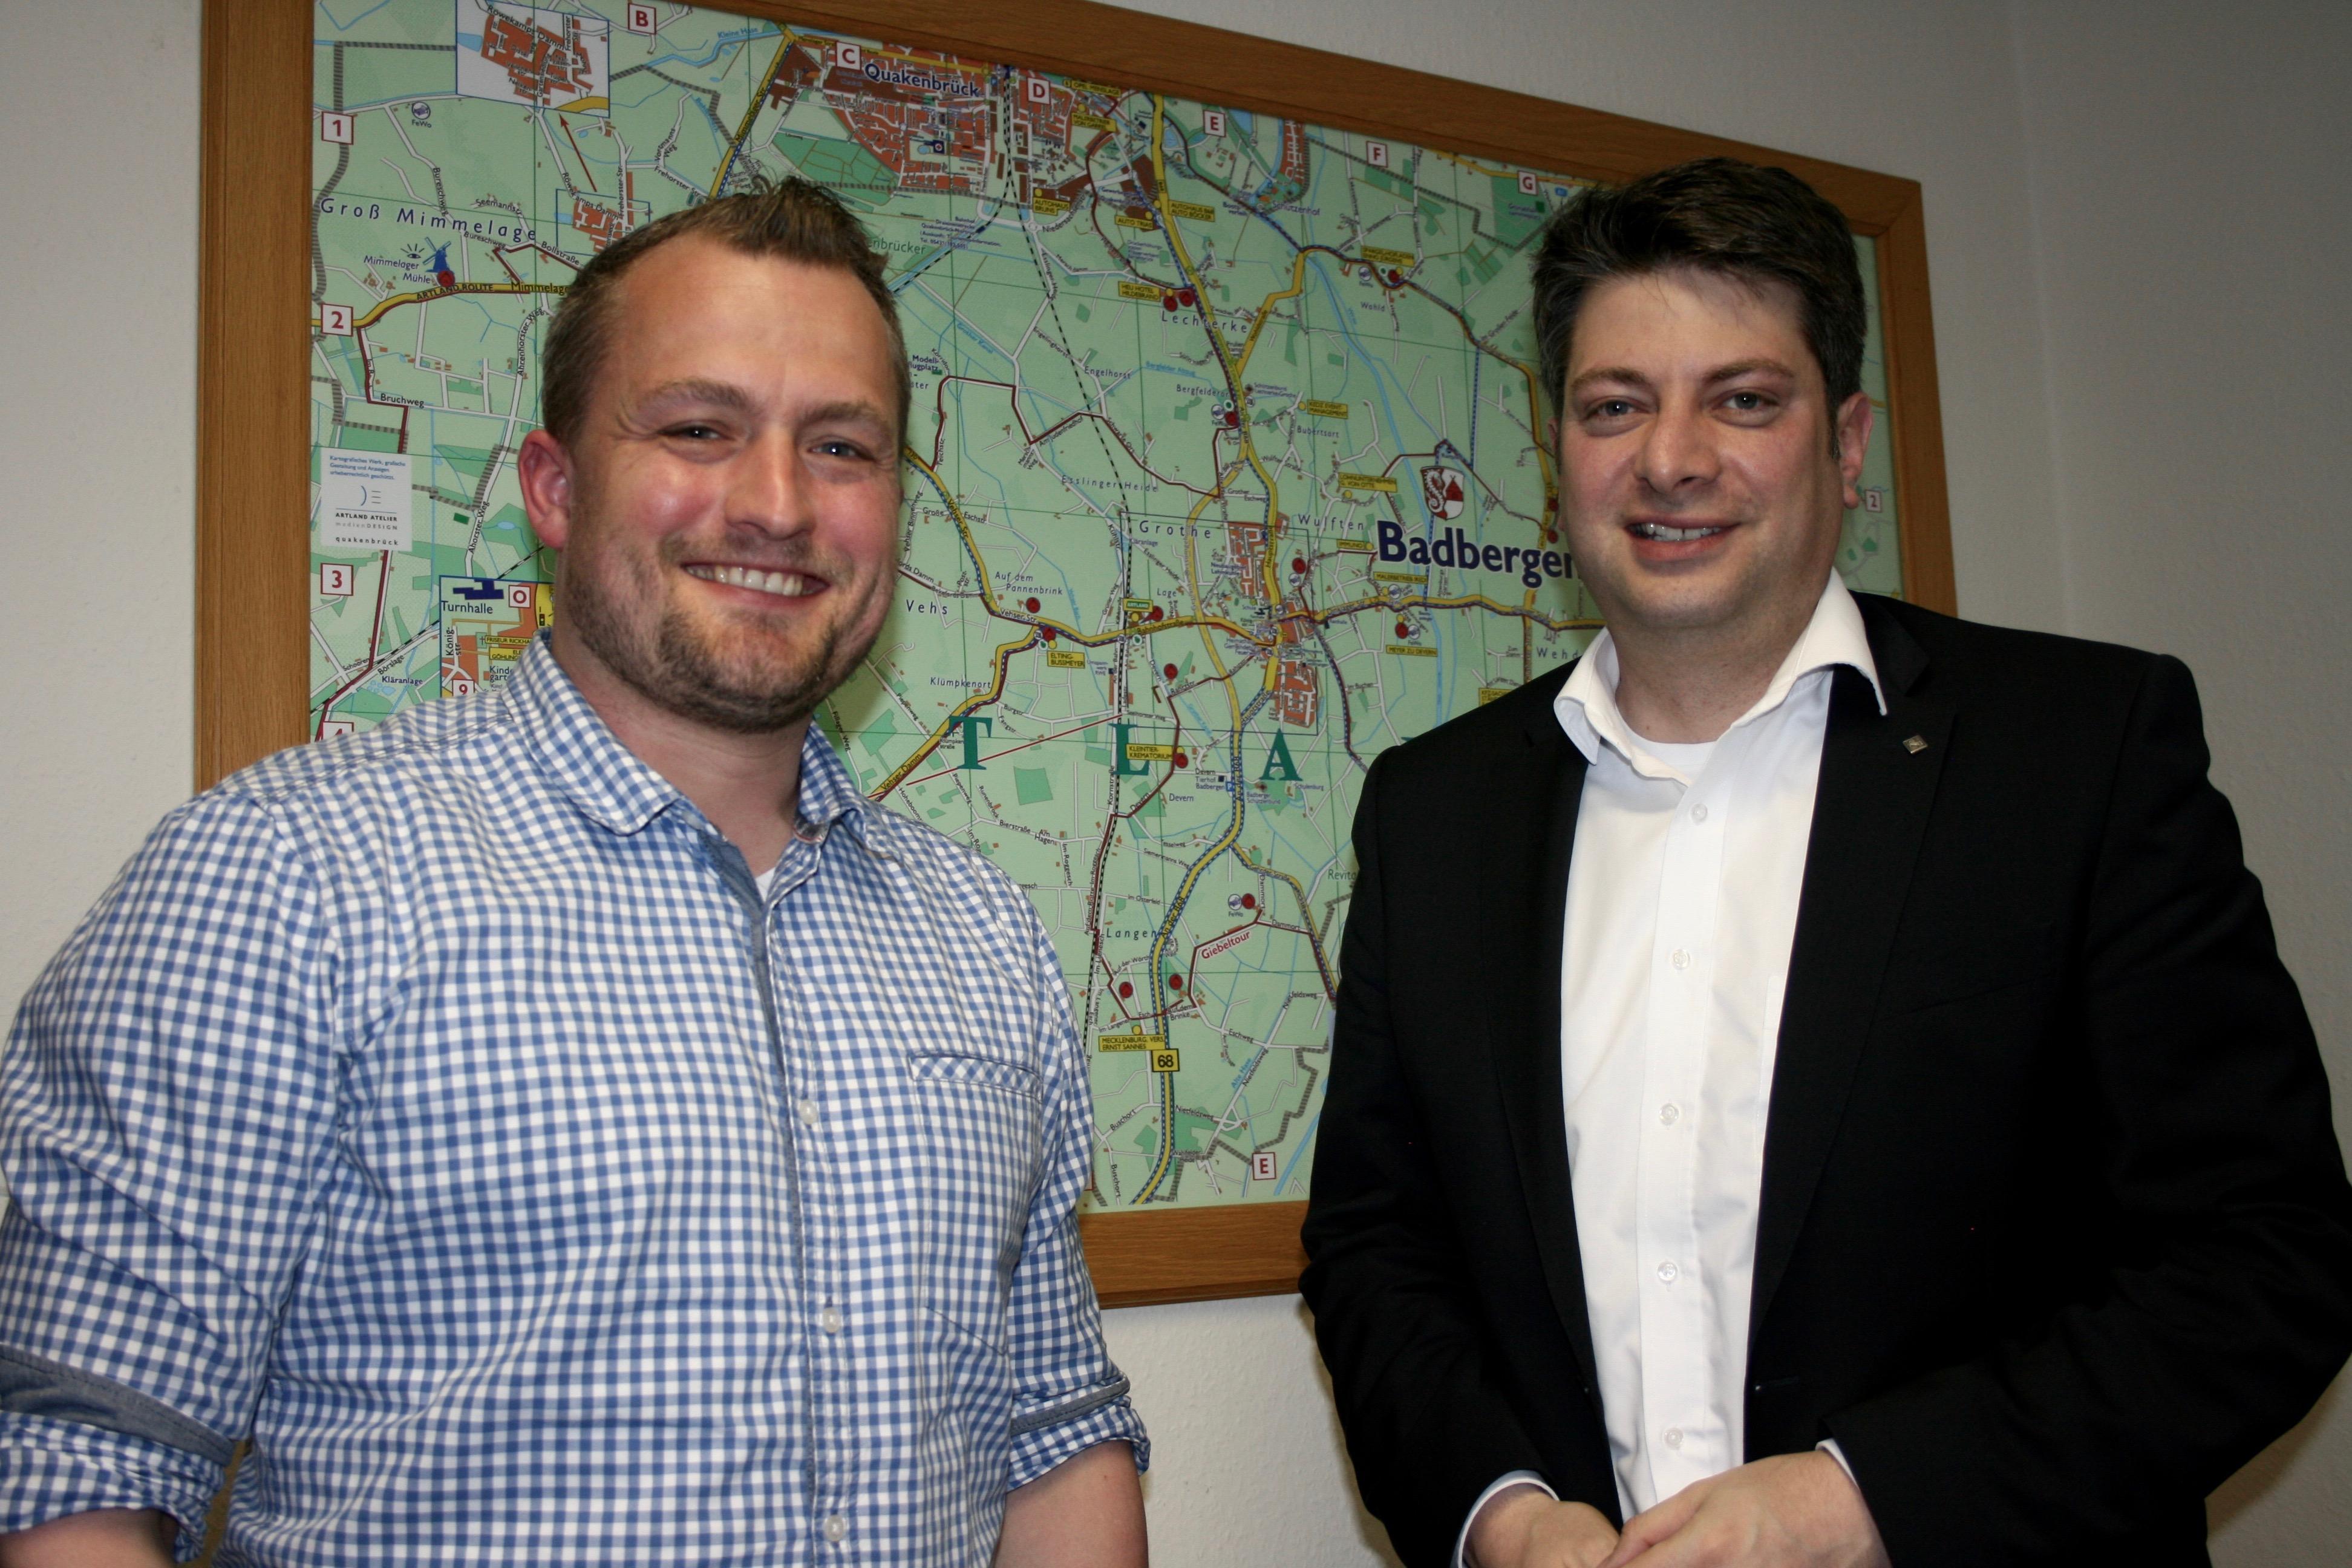 2017 erfolgte mein Antrittsbesuch beim neuen Bürgermeister der Gemeinde Badbergen, Dr. Tobias Dörfler.